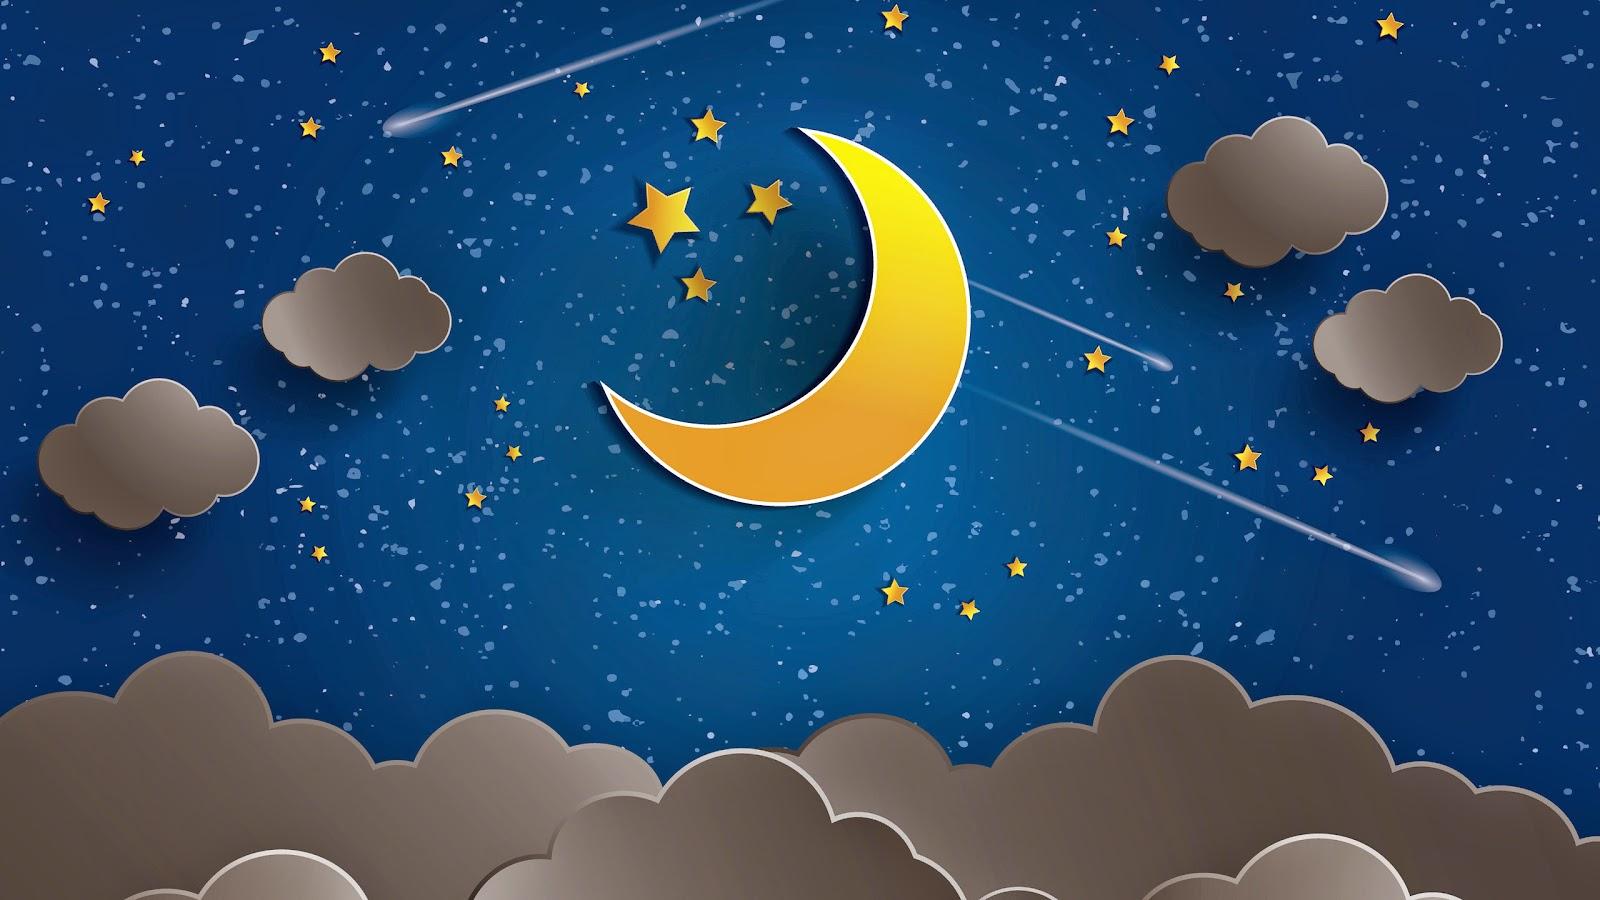 3D maan, wolken, sterren, blauwe hemel en vallende sterren